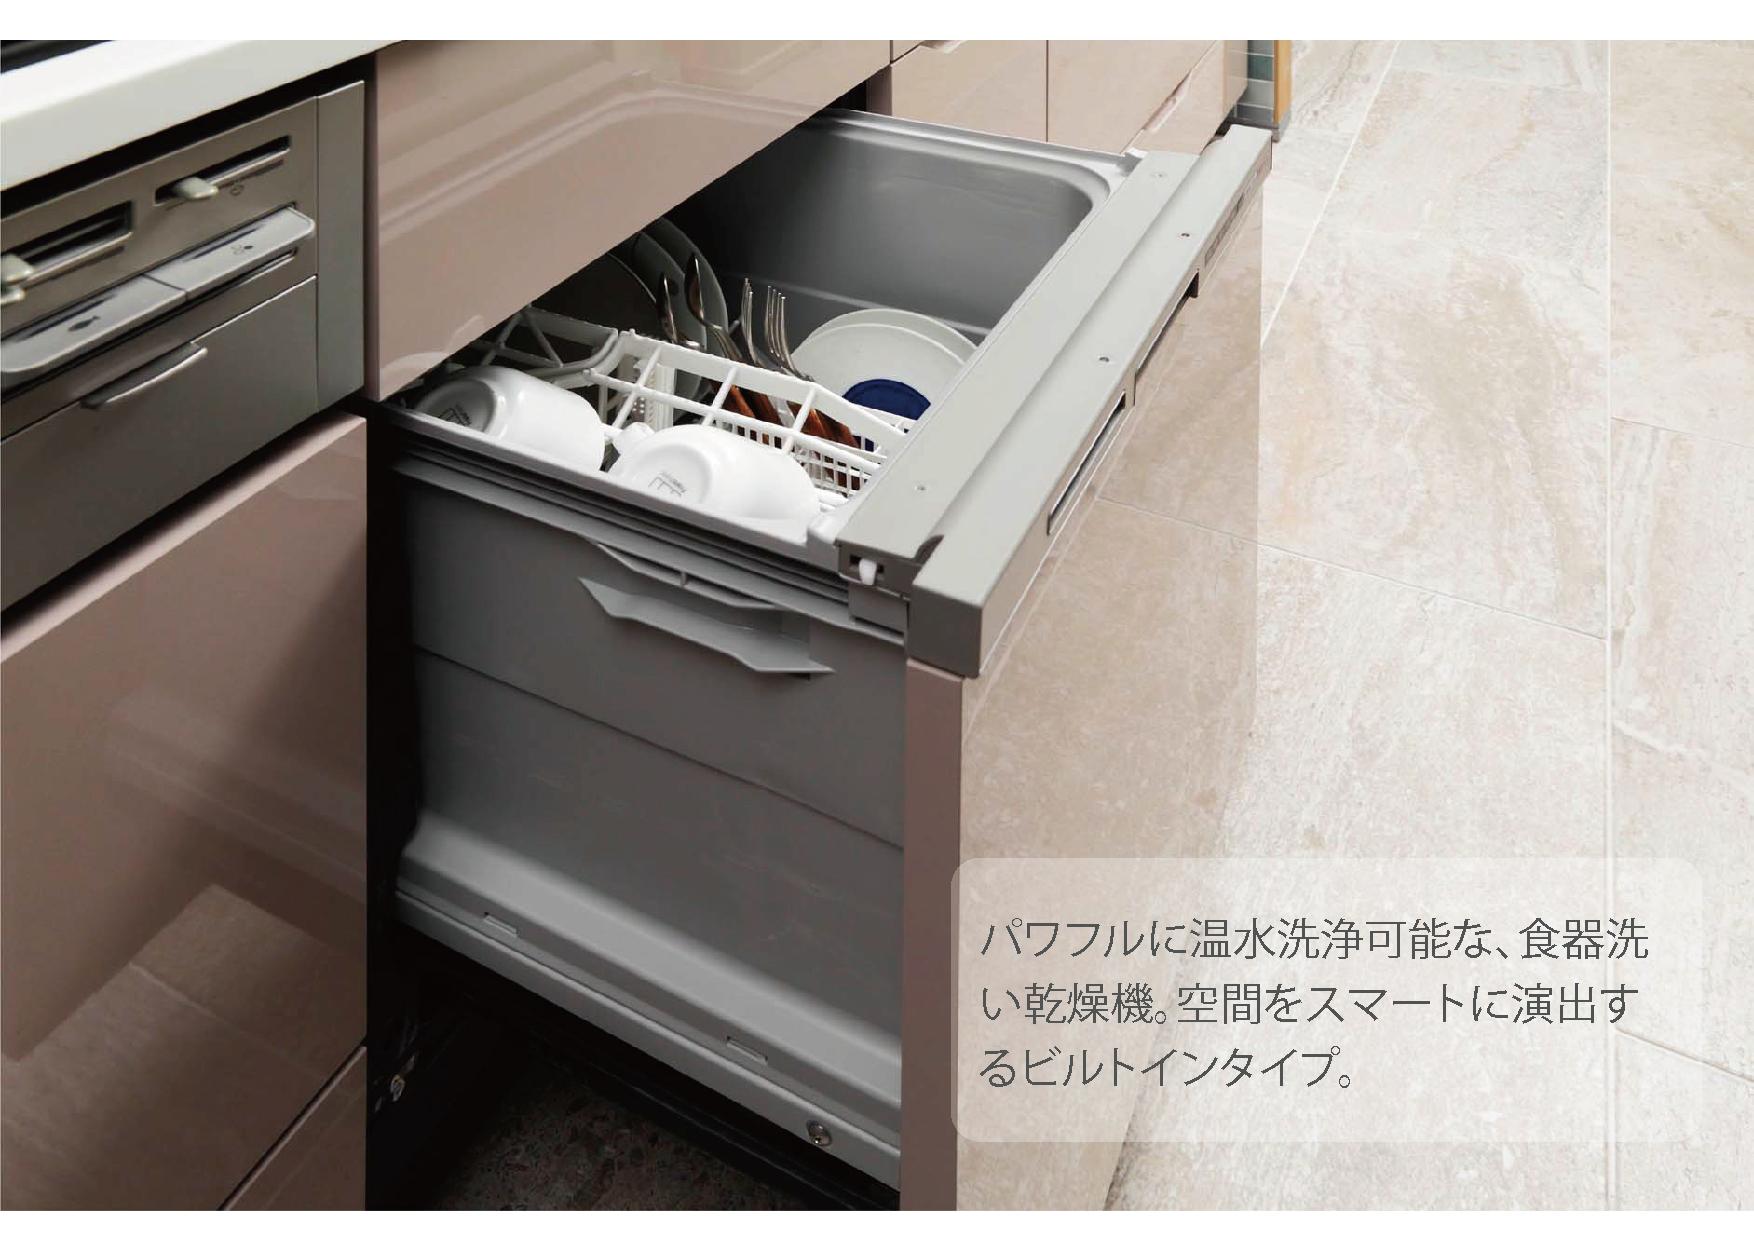 食器洗い乾燥機 イメージ